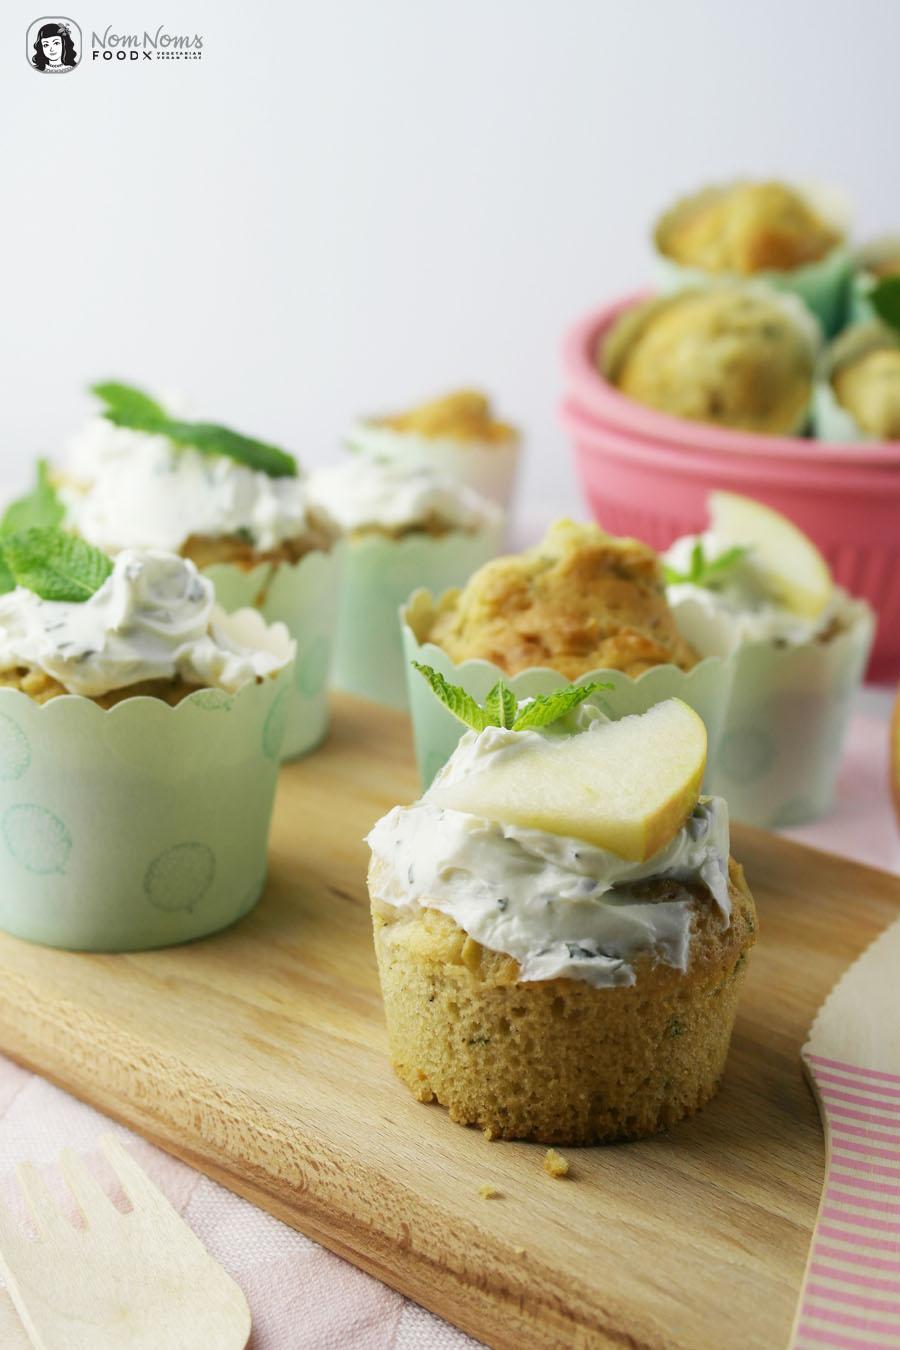 Apfel-Minz-Muffins mit Minz-Frosting